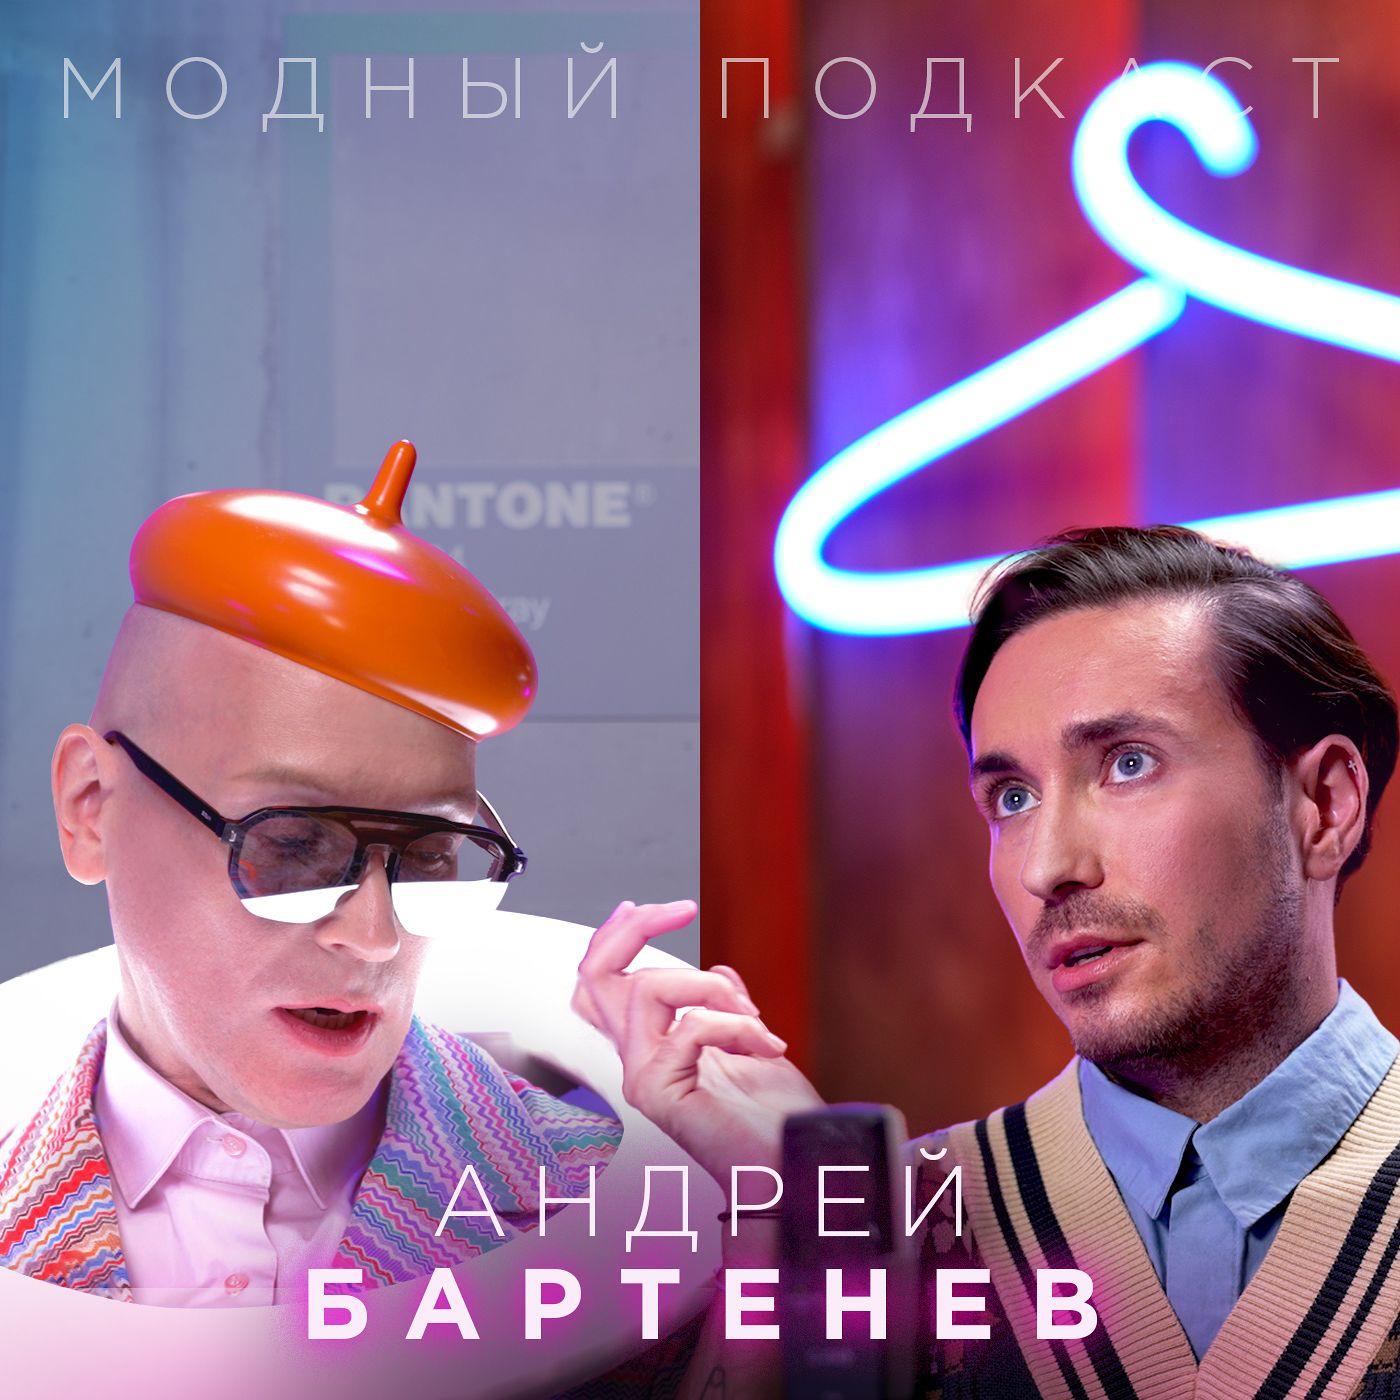 Андрей Бартенев о воспитании талантливых детей, беспринципности и свободе современного искусства